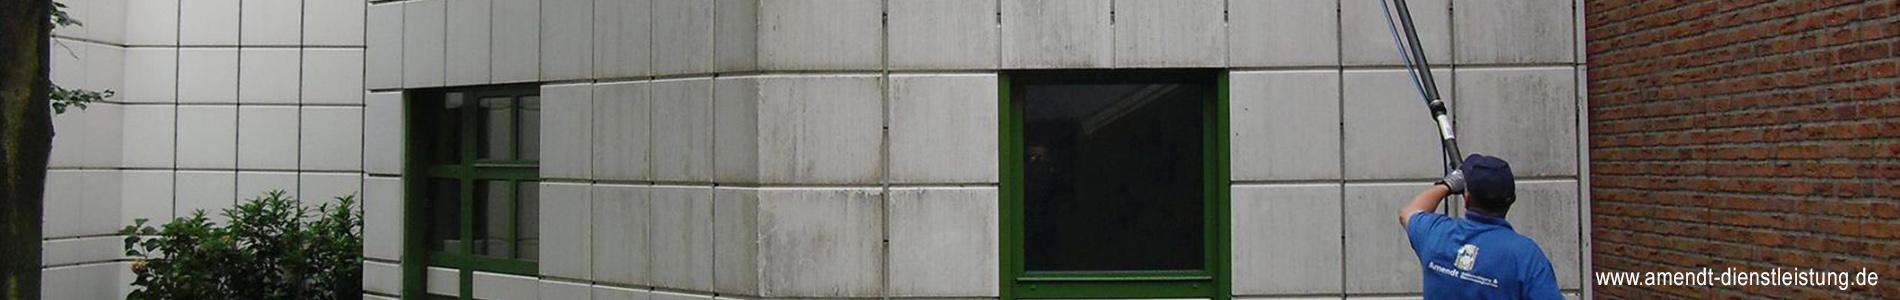 Fassadenreinigung Münster, Amendt Dienstleistungsservice, Gebäudereinigung